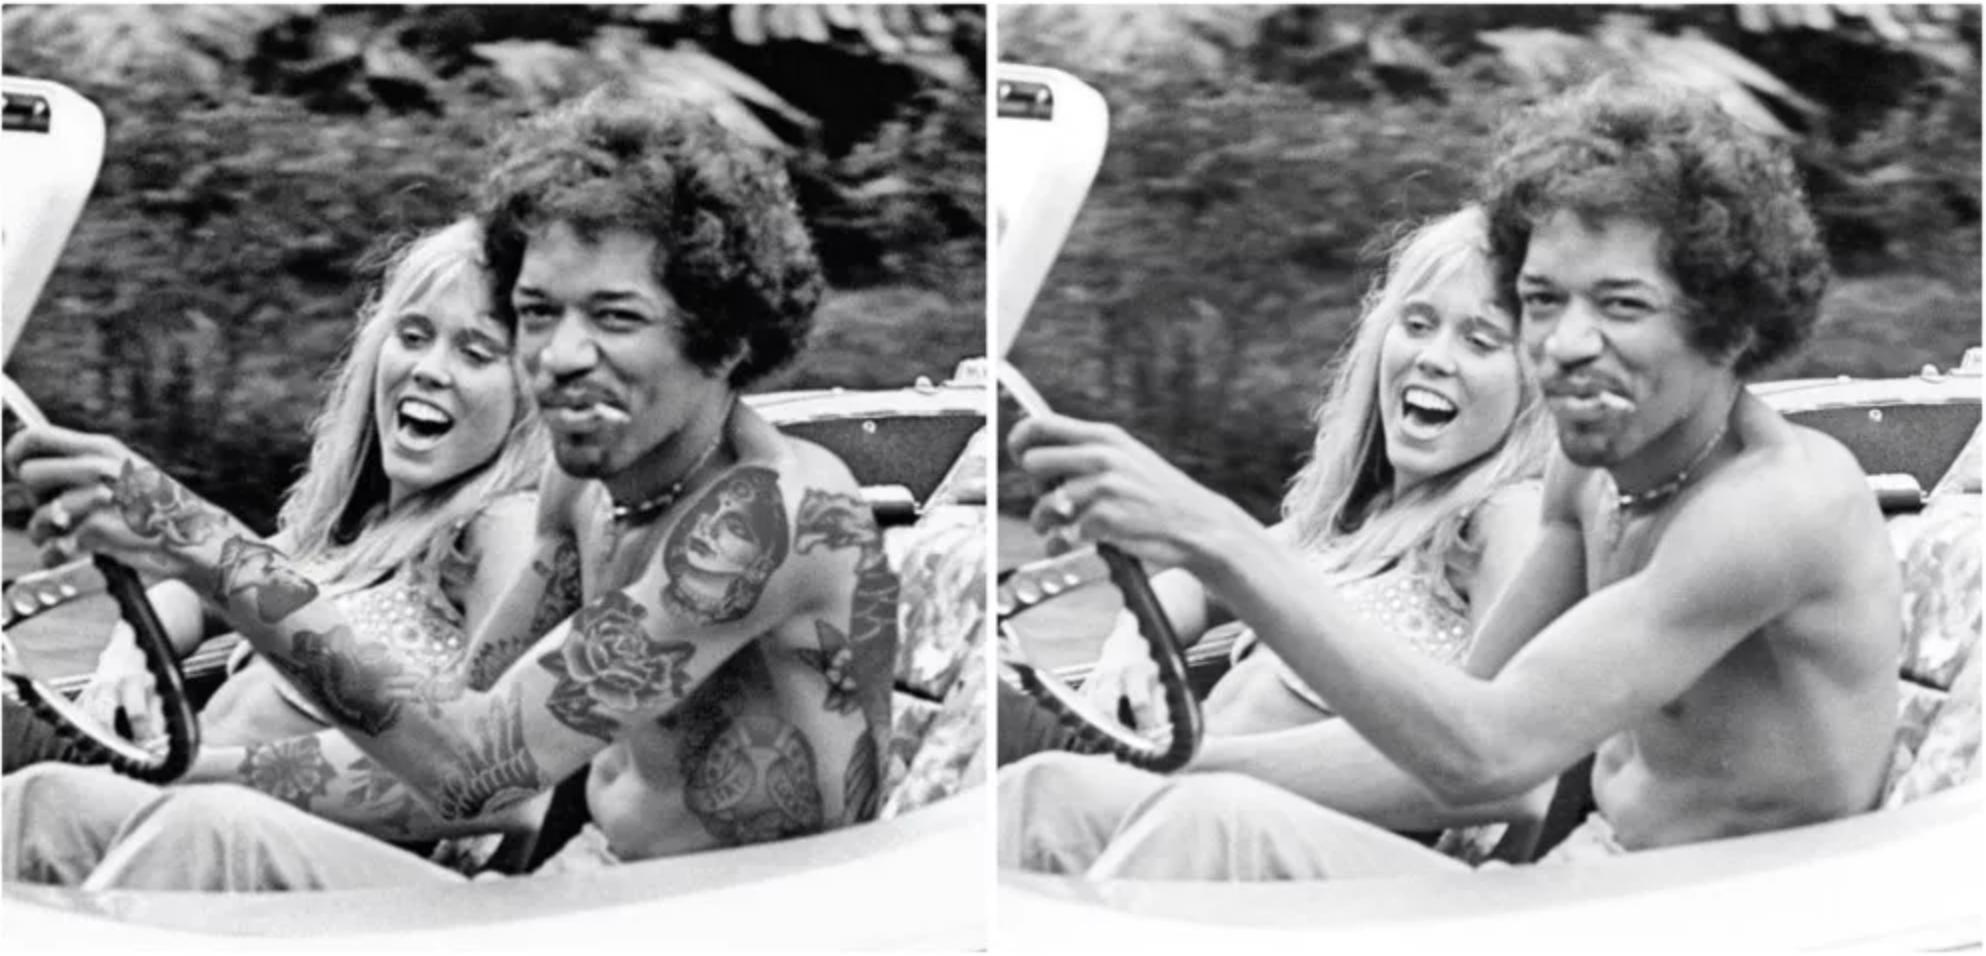 Az önjelölt photoshop tetováló digitálisan rajzolta fel Hendrix karjára a tetoválásokat.  A módosított kép 2017 október 21-én jelent meg az Old Pics Archive oldalán.